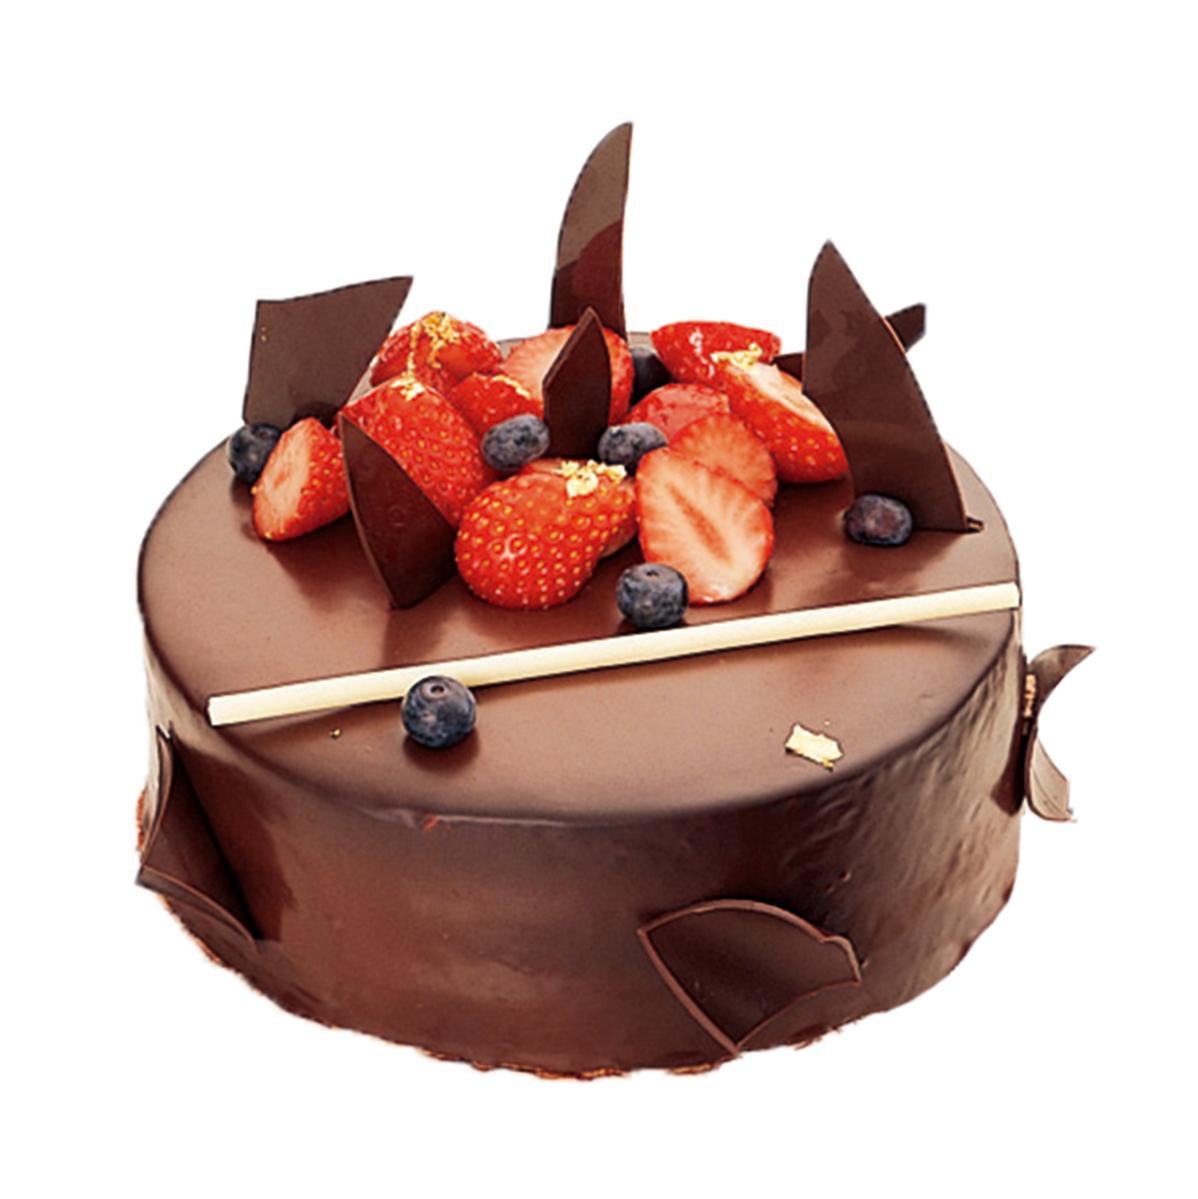 ショコラショコラ シルバー